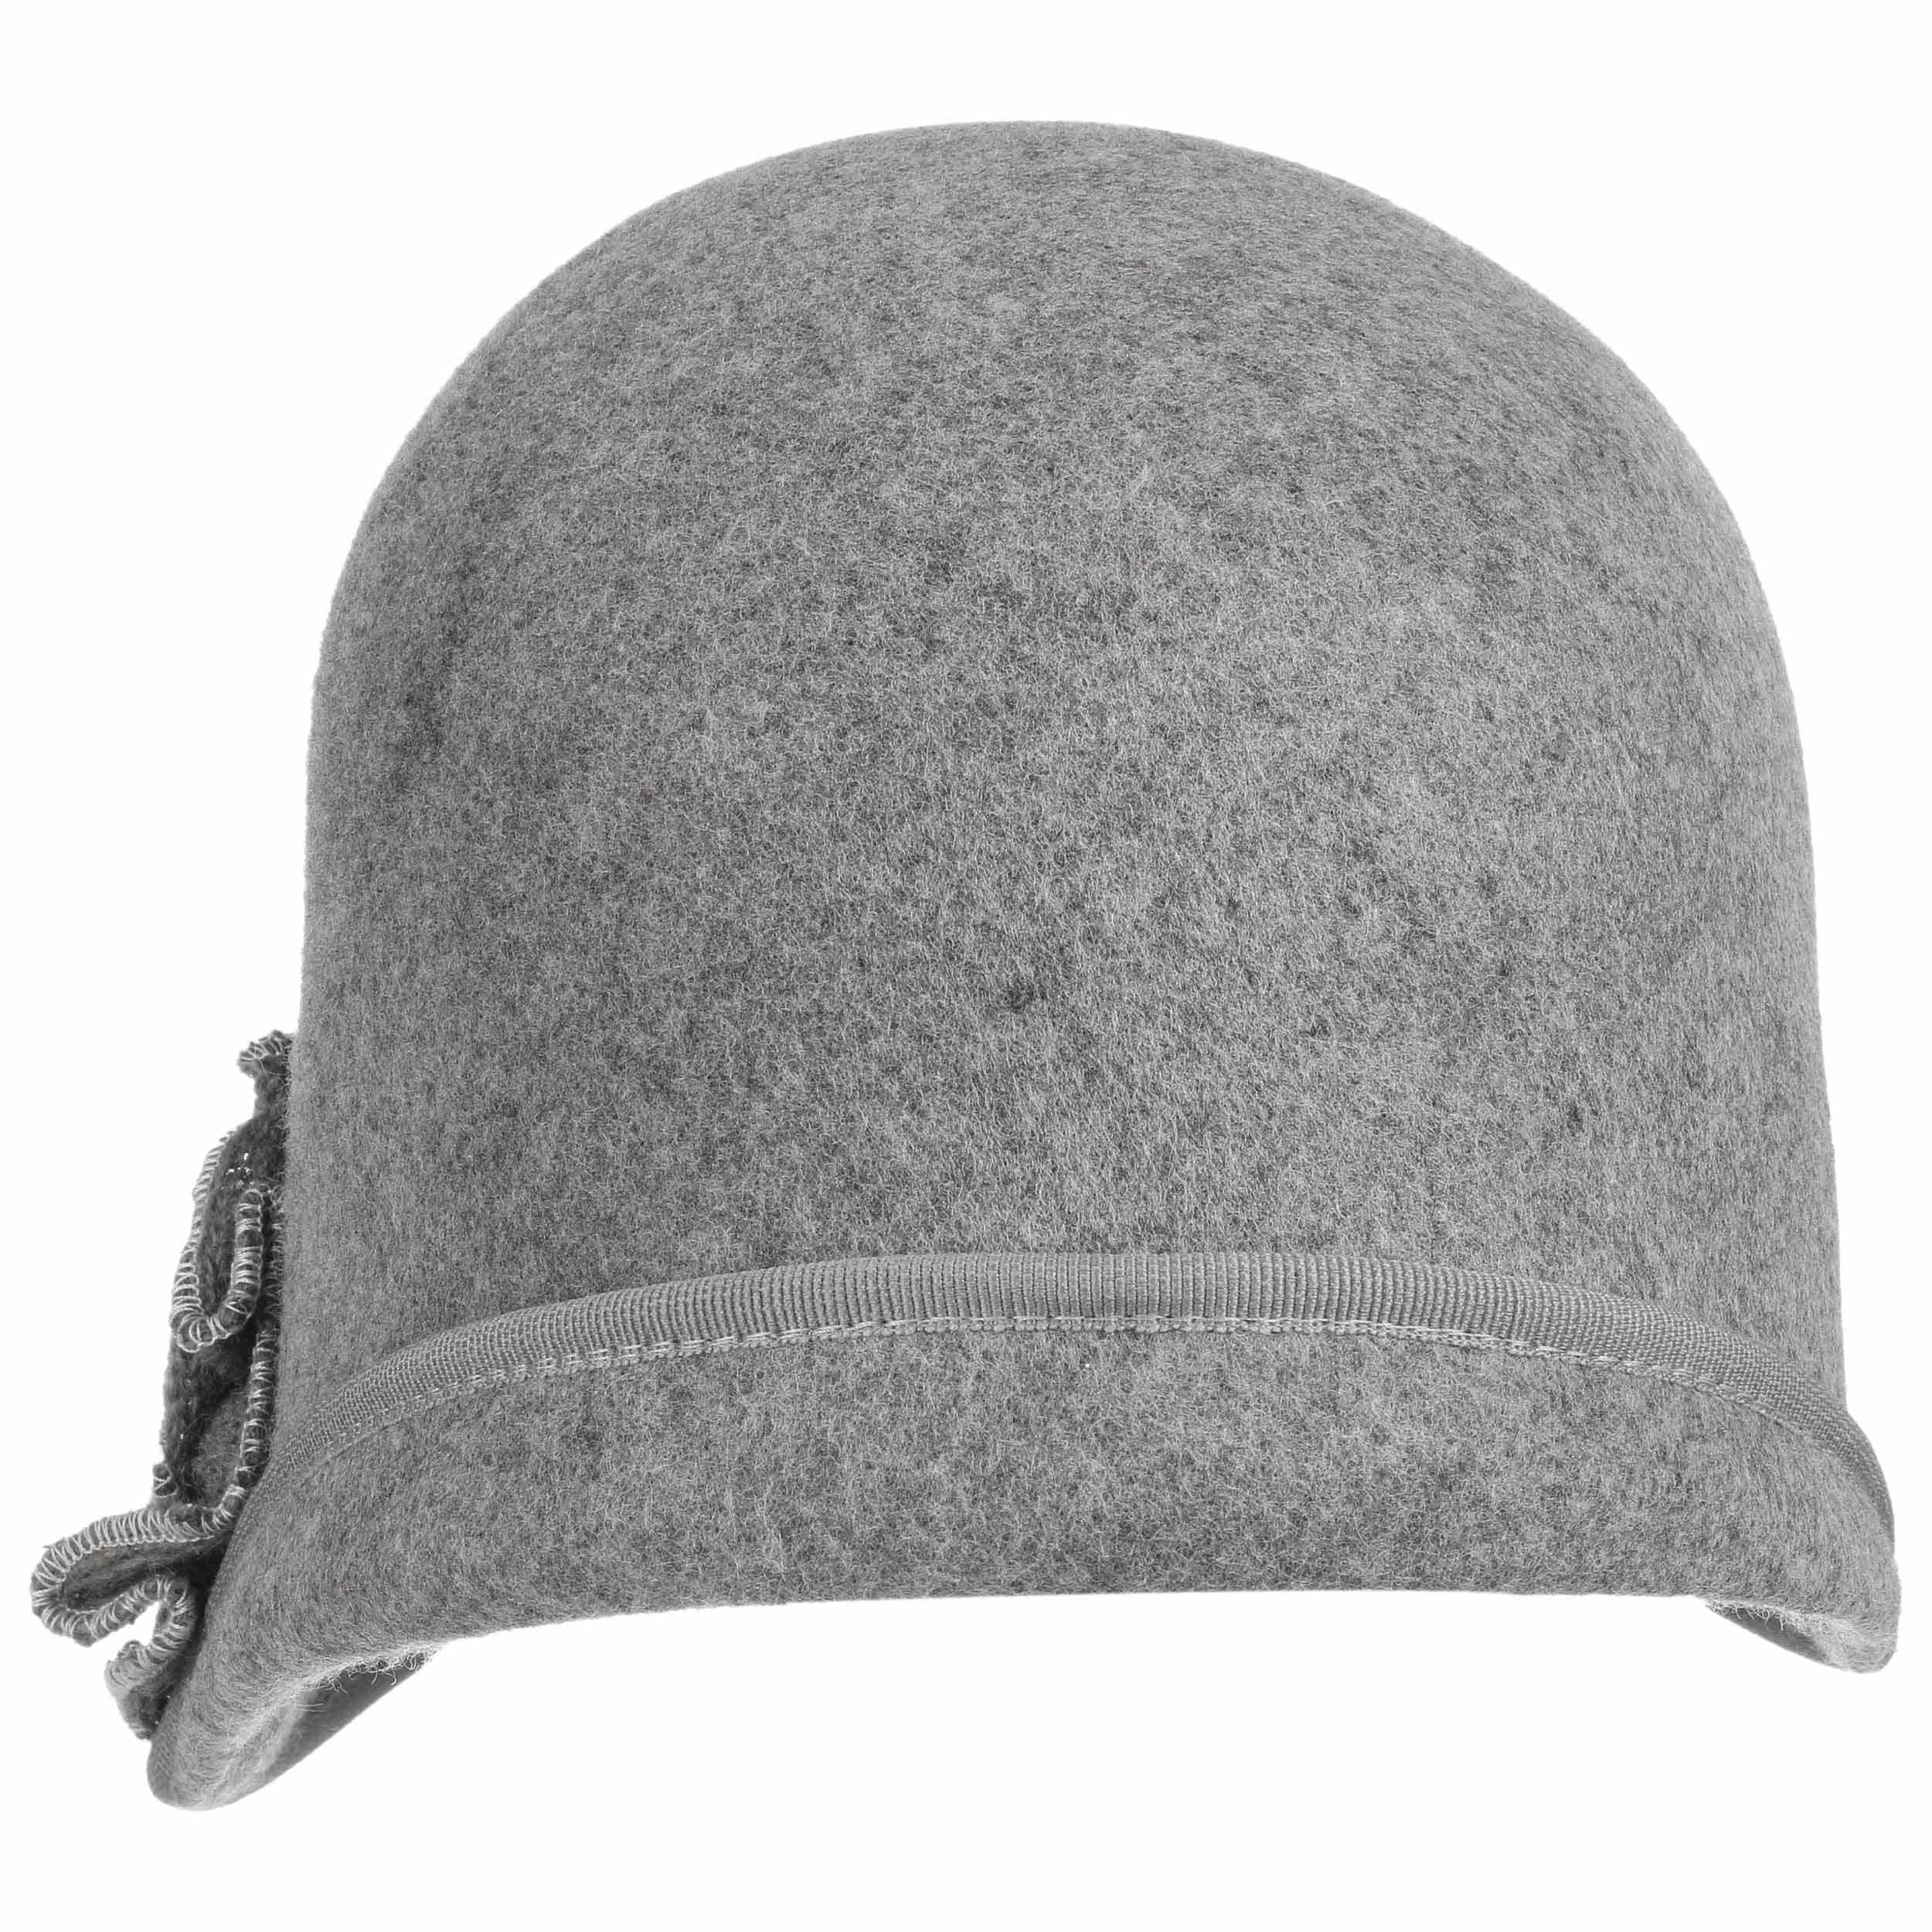 Sombrero Cloché de Mujer Jamita by Lierys - Sombreros - sombreroshop.es 7837750e271